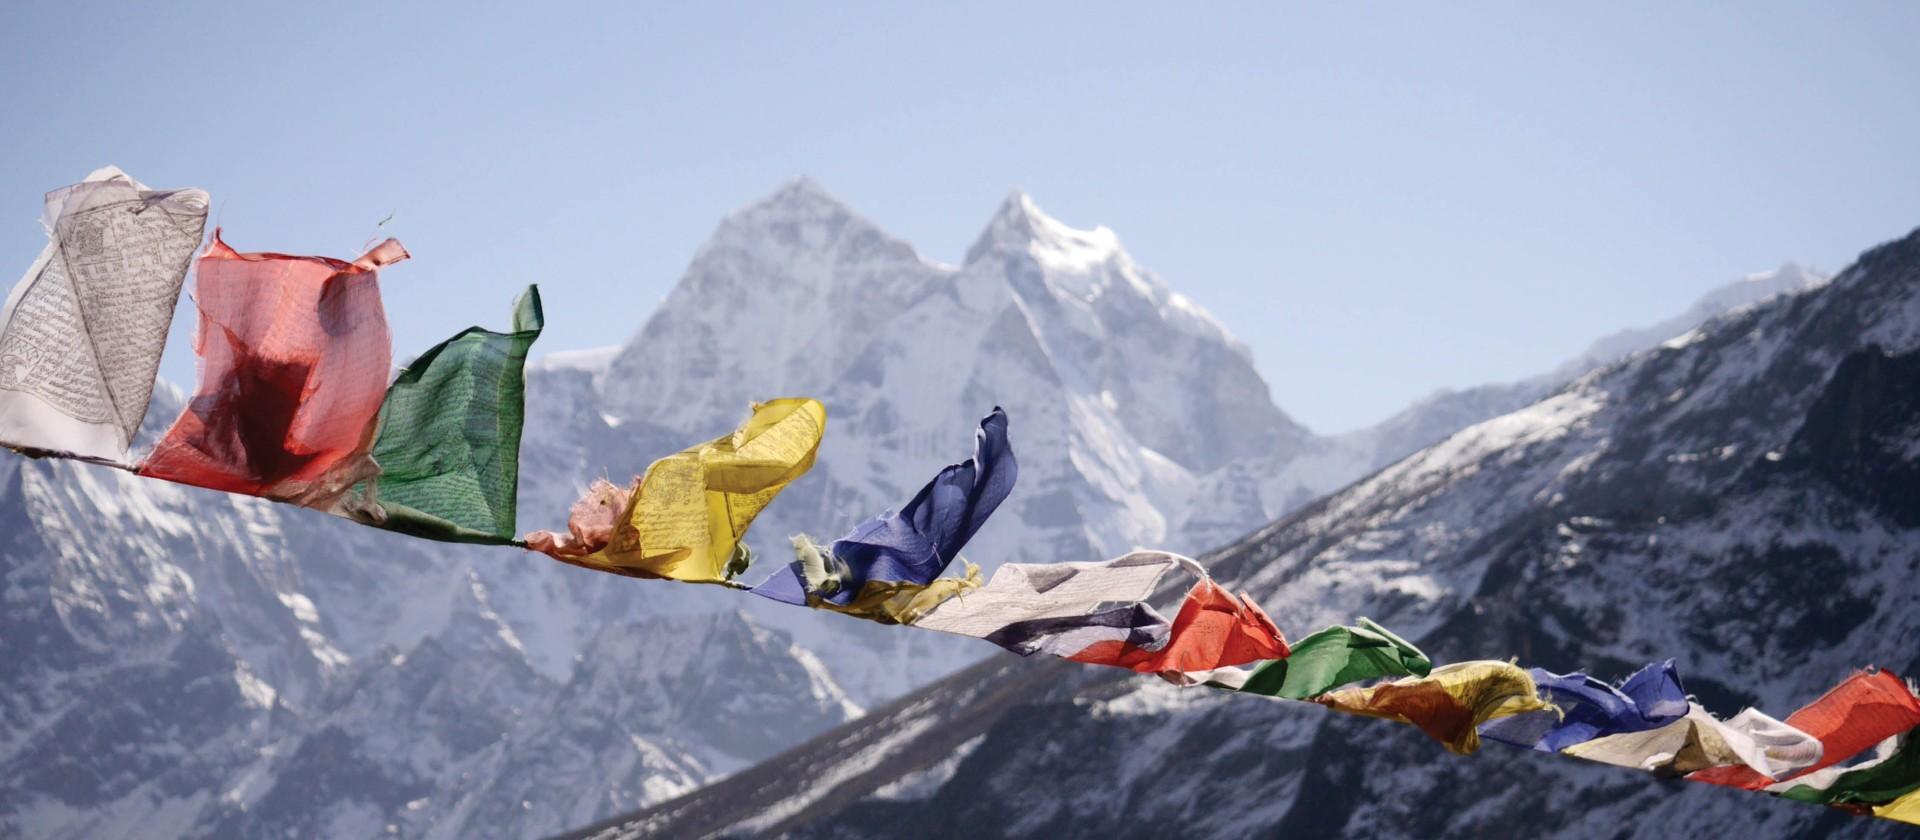 Everest-Region_-Nepal-328572-1920px-16x7